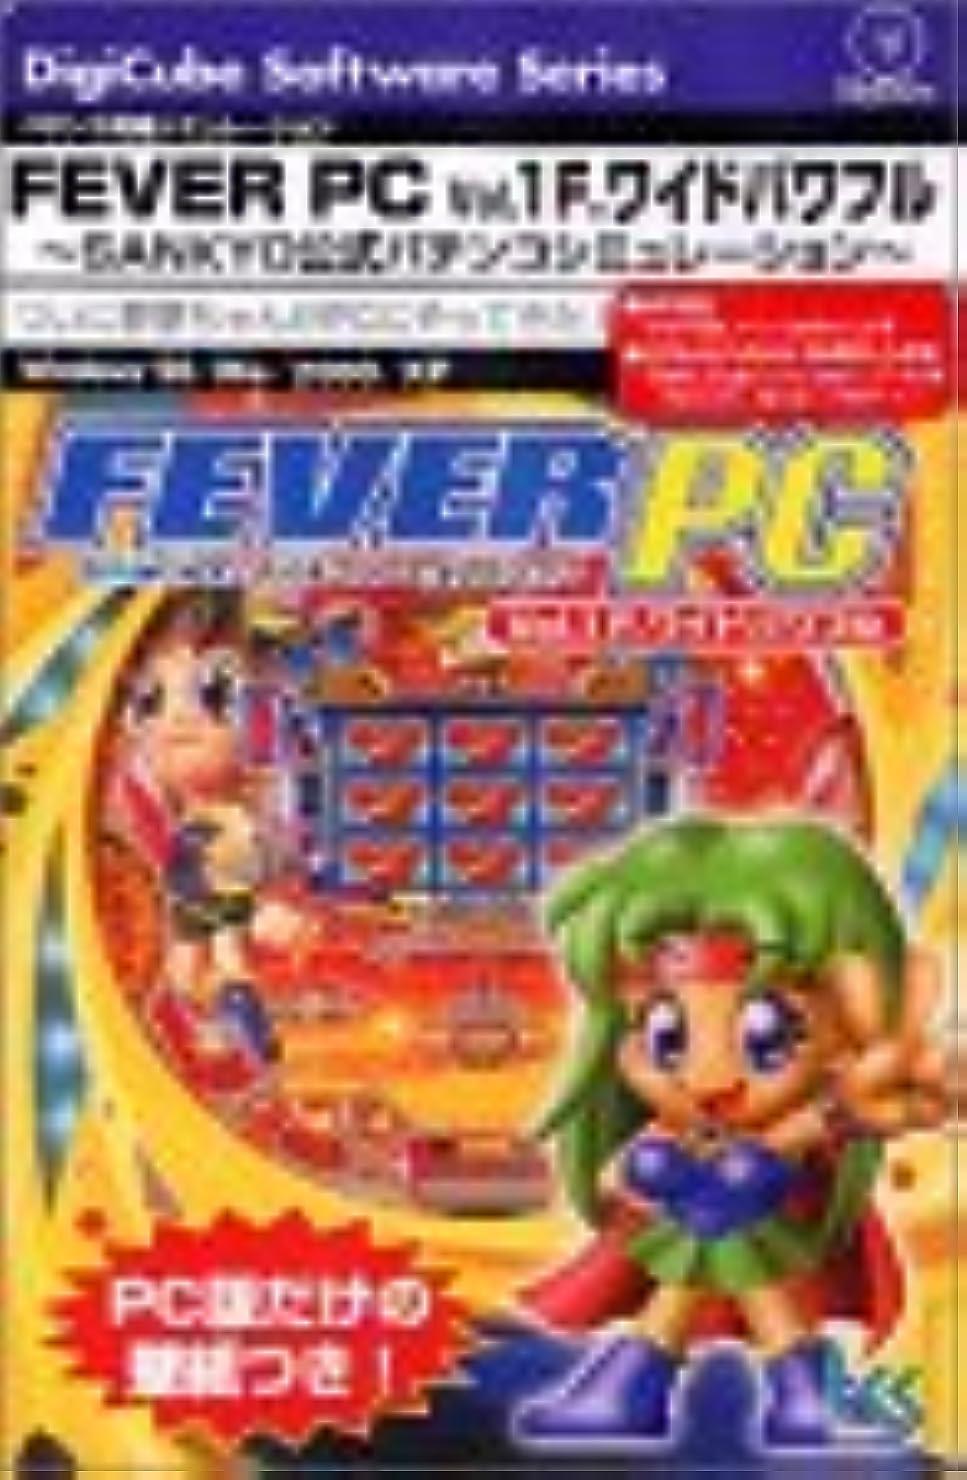 スノーケル内向きスチールFEVER PC Vol.1 F.ワイドパワフル ~SANKYO公式パチンコシミュレーション~